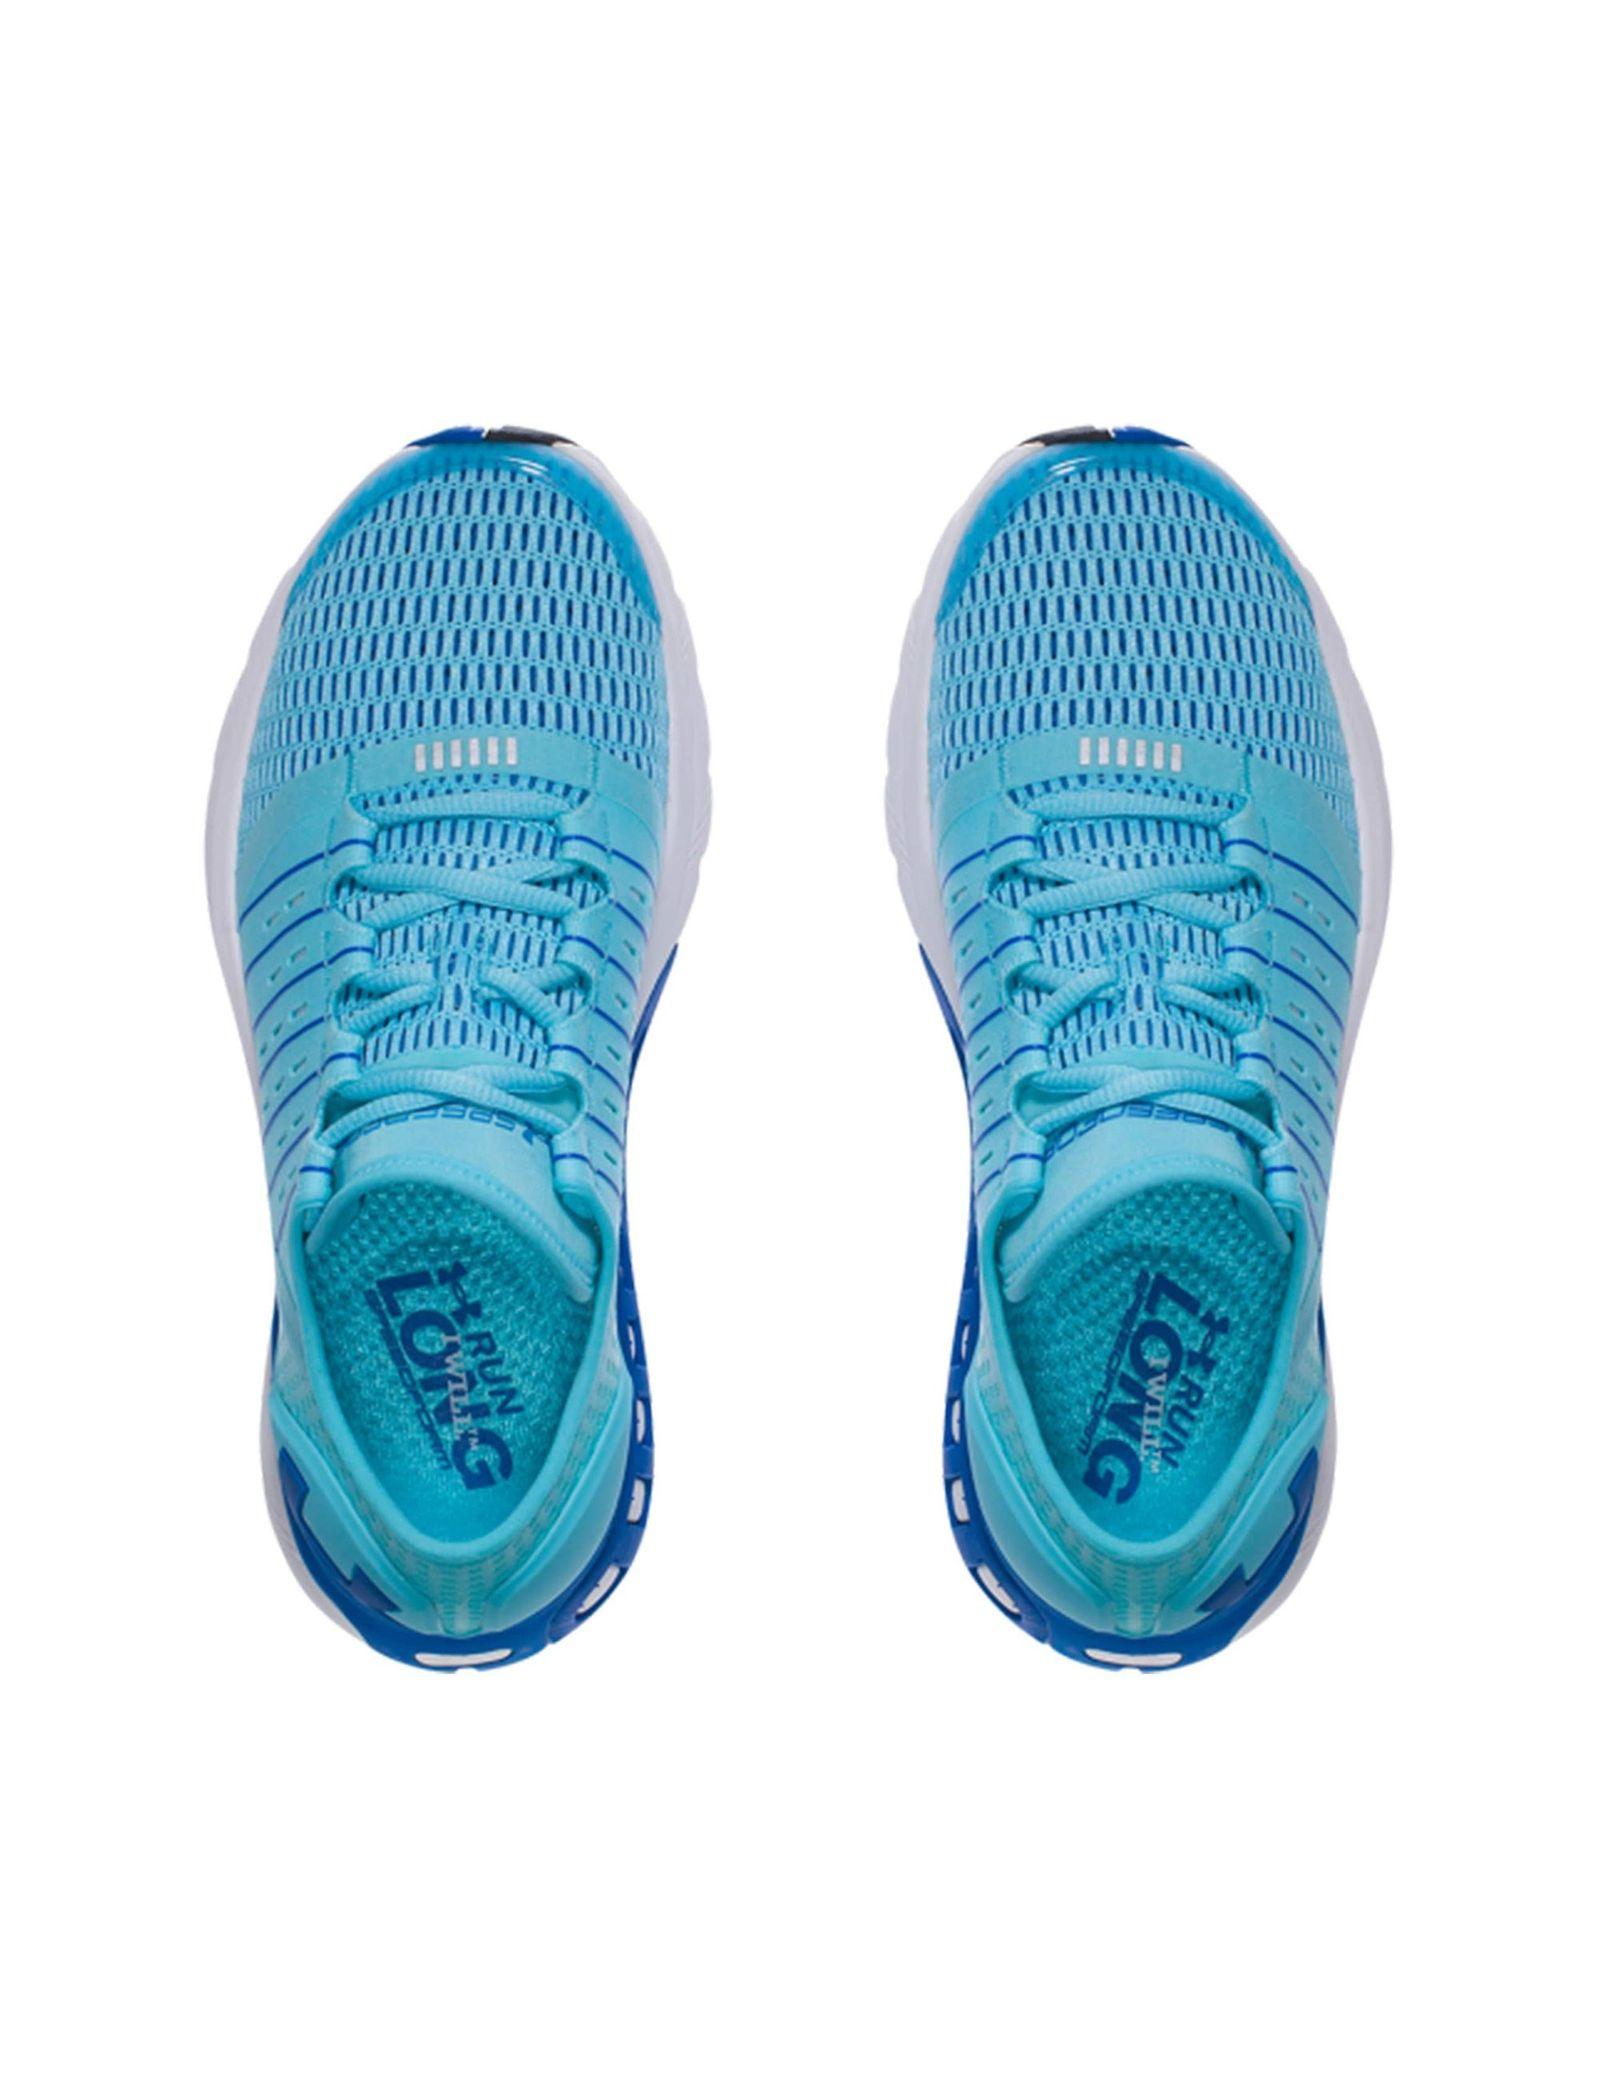 کفش دویدن بندی زنانه SpeedForm Europa - آندر آرمور - آبي - 2